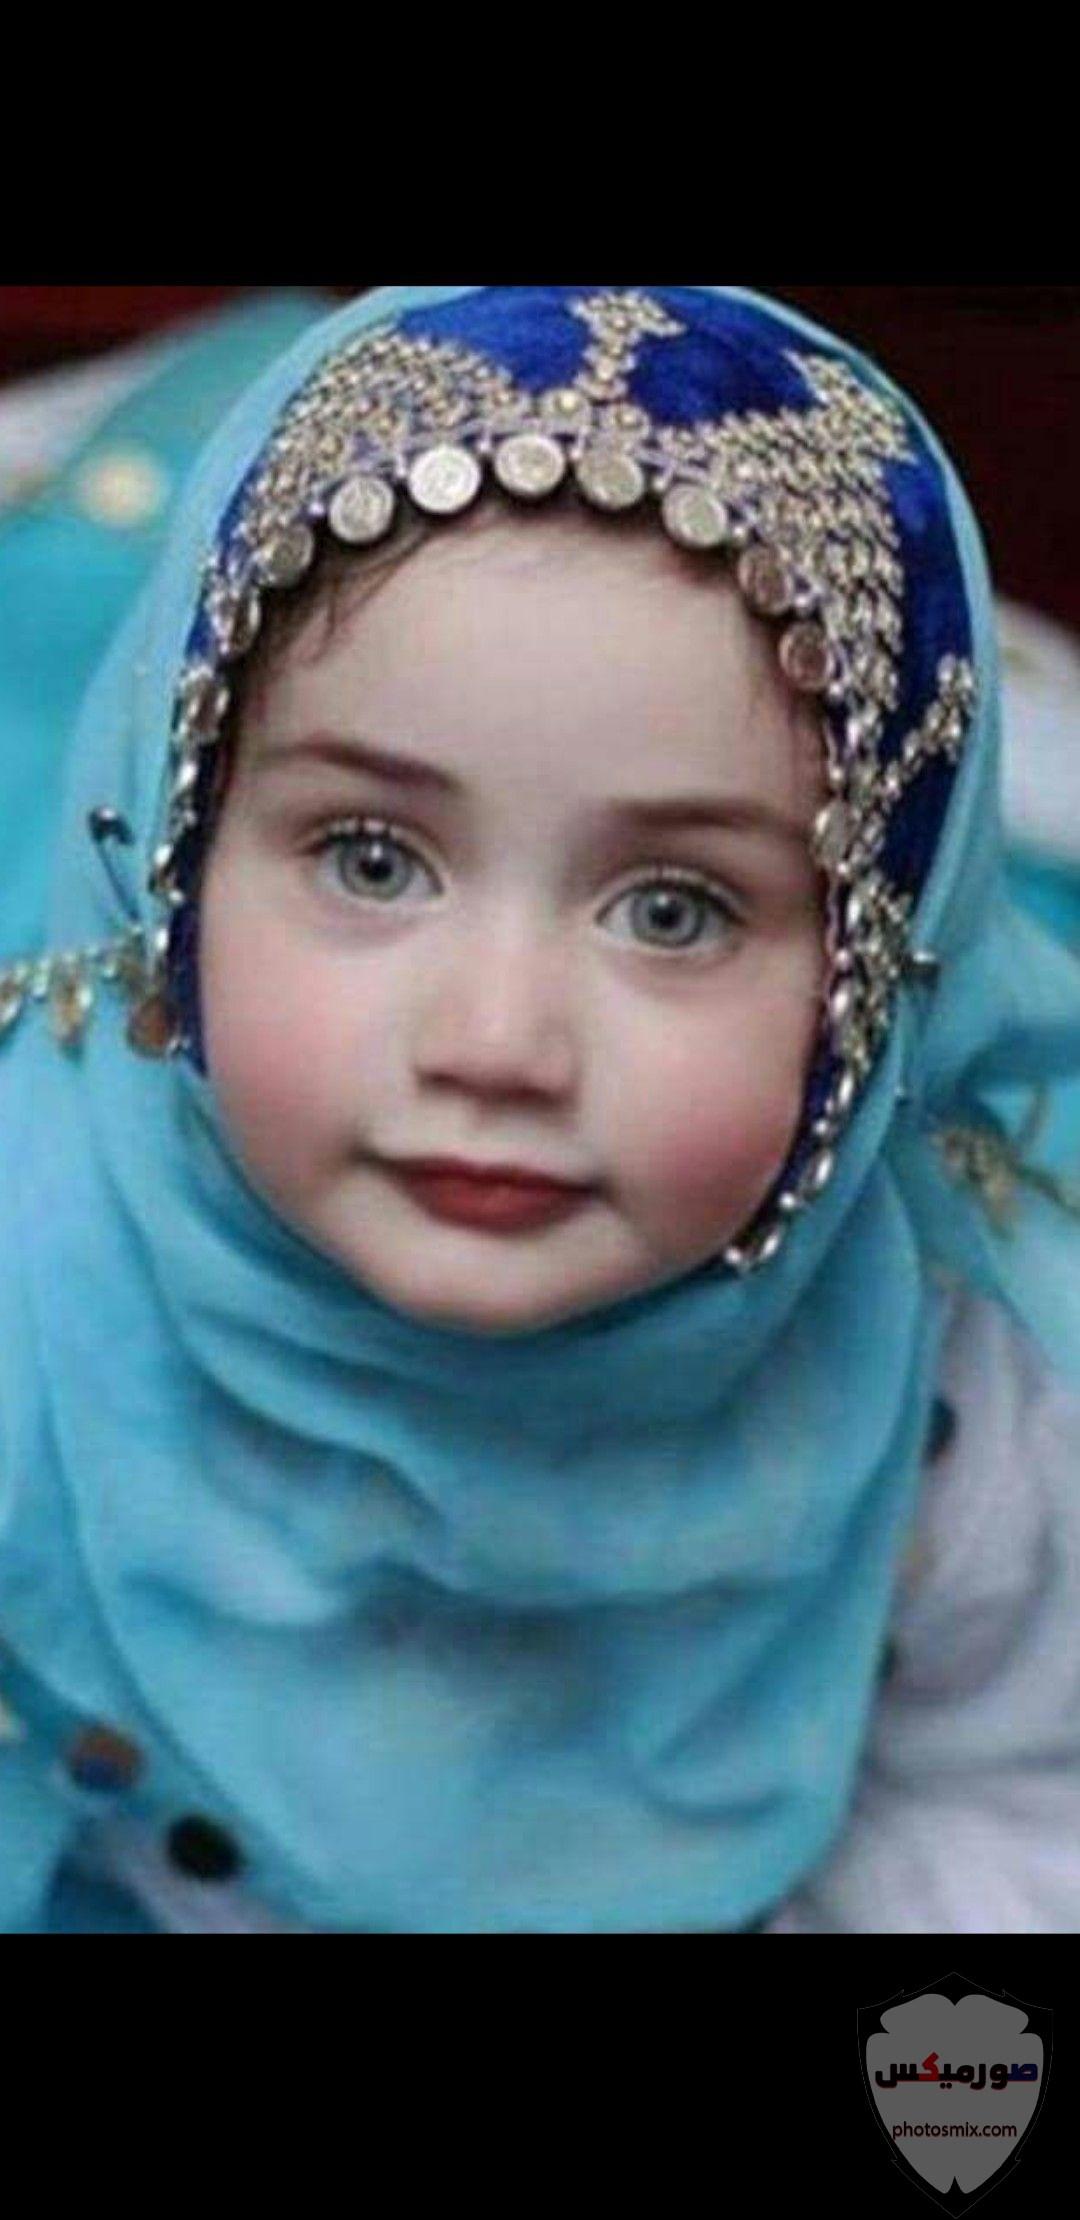 صور أطفال جميلة 2020 7